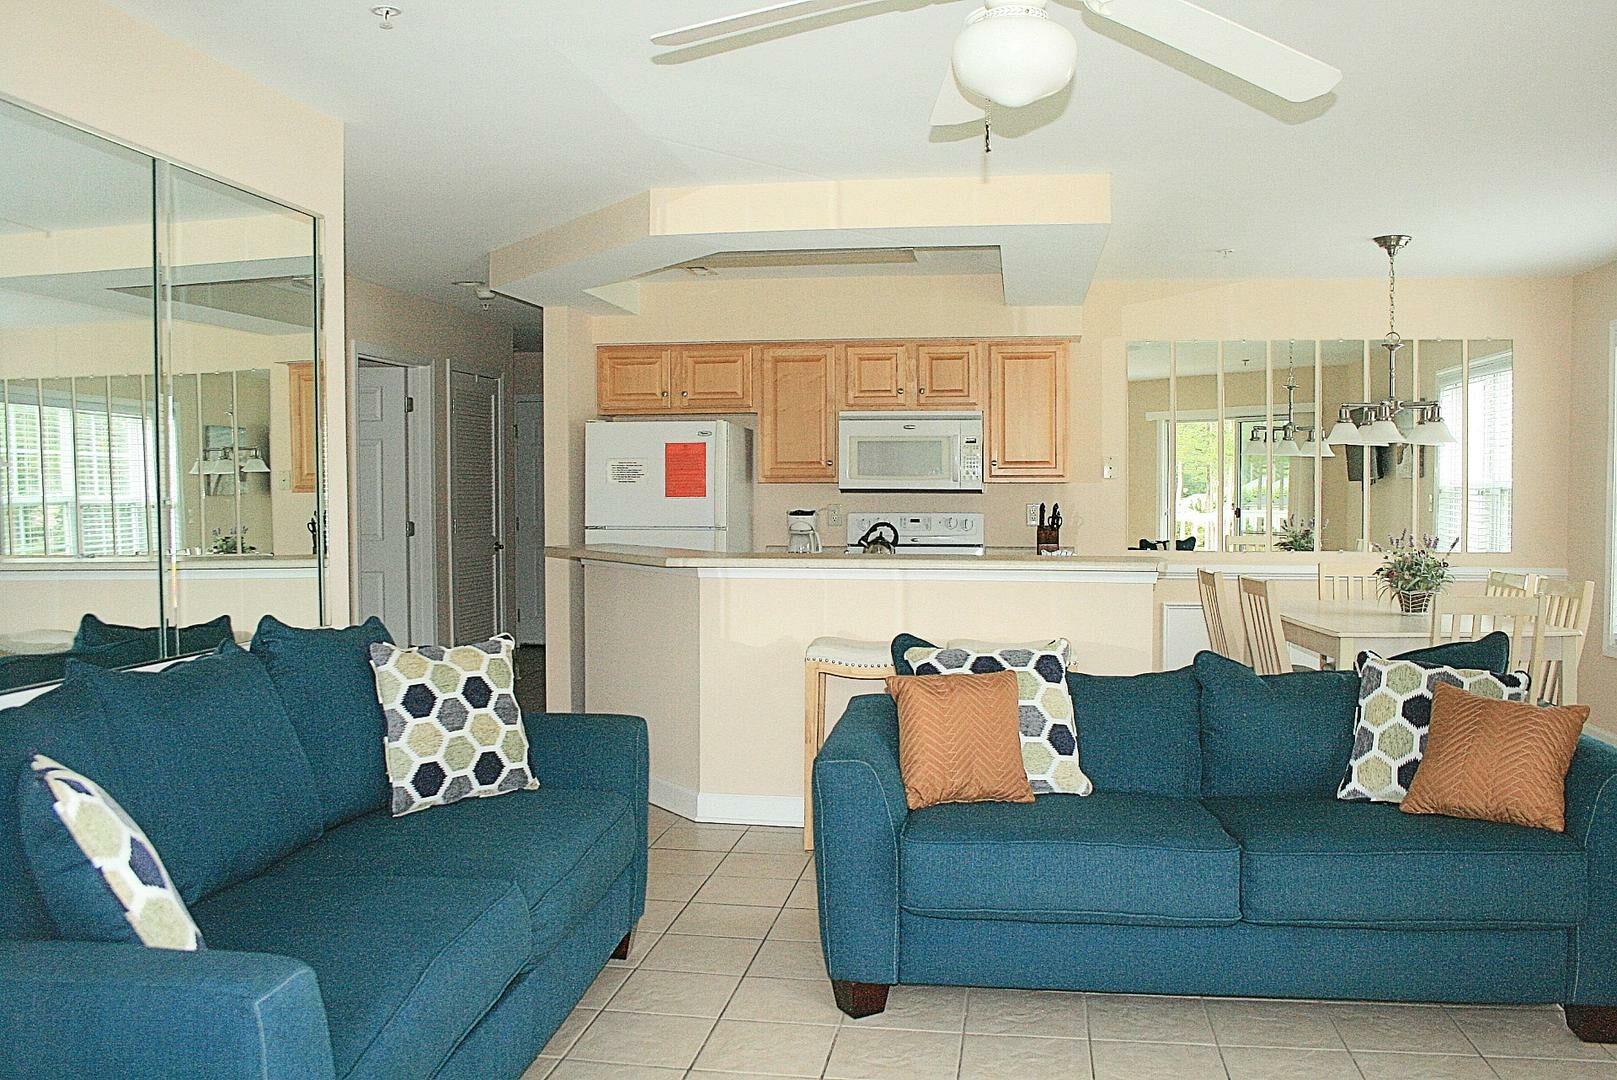 2304M 1 Bedroom/1 Bath Villa